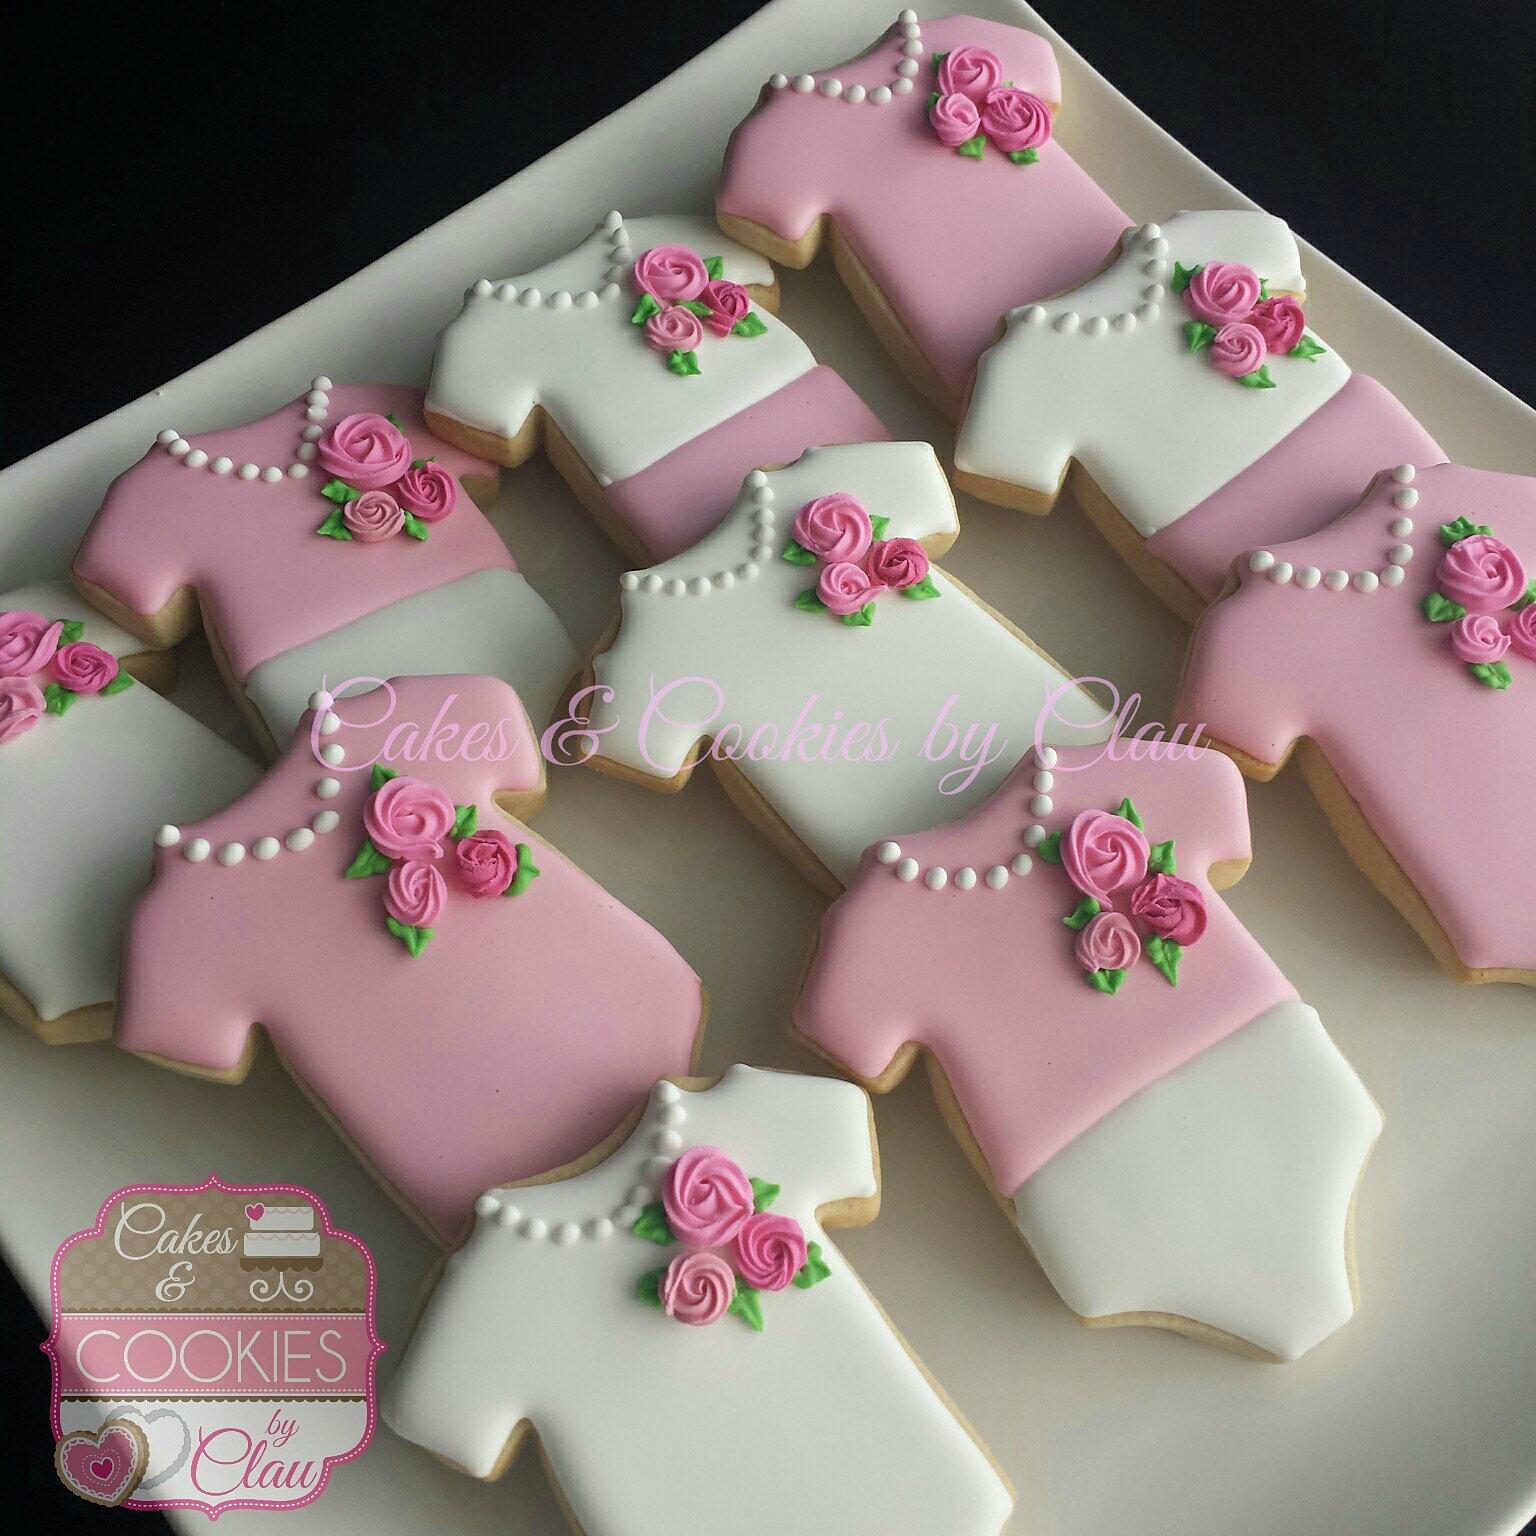 Cakes Amp Cookies By Clau Custom Decorated Sugar Cookies